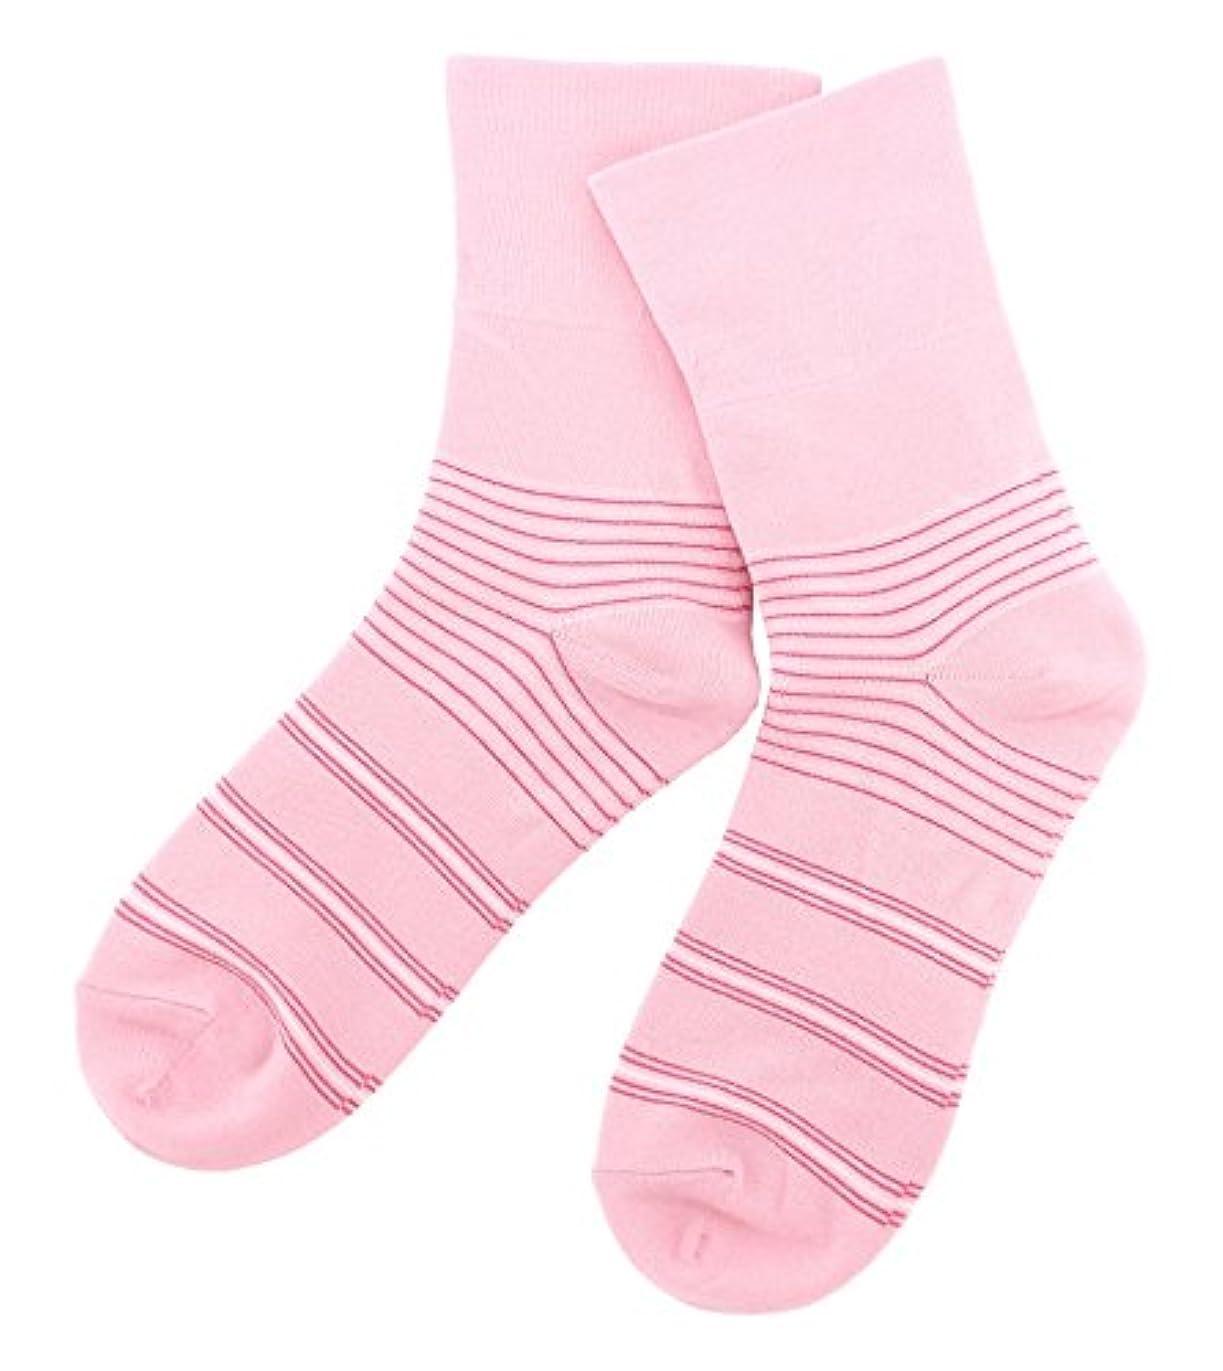 伝統的メロディーコード温むすび かかとケア靴下 【足うら美人しめつけないタイプ 女性用 22~24cm ボーダー柄 ピンク】 角質ケア 保湿 がさがさ つるつる ひび割れ うるおい 新潟県自社工場製